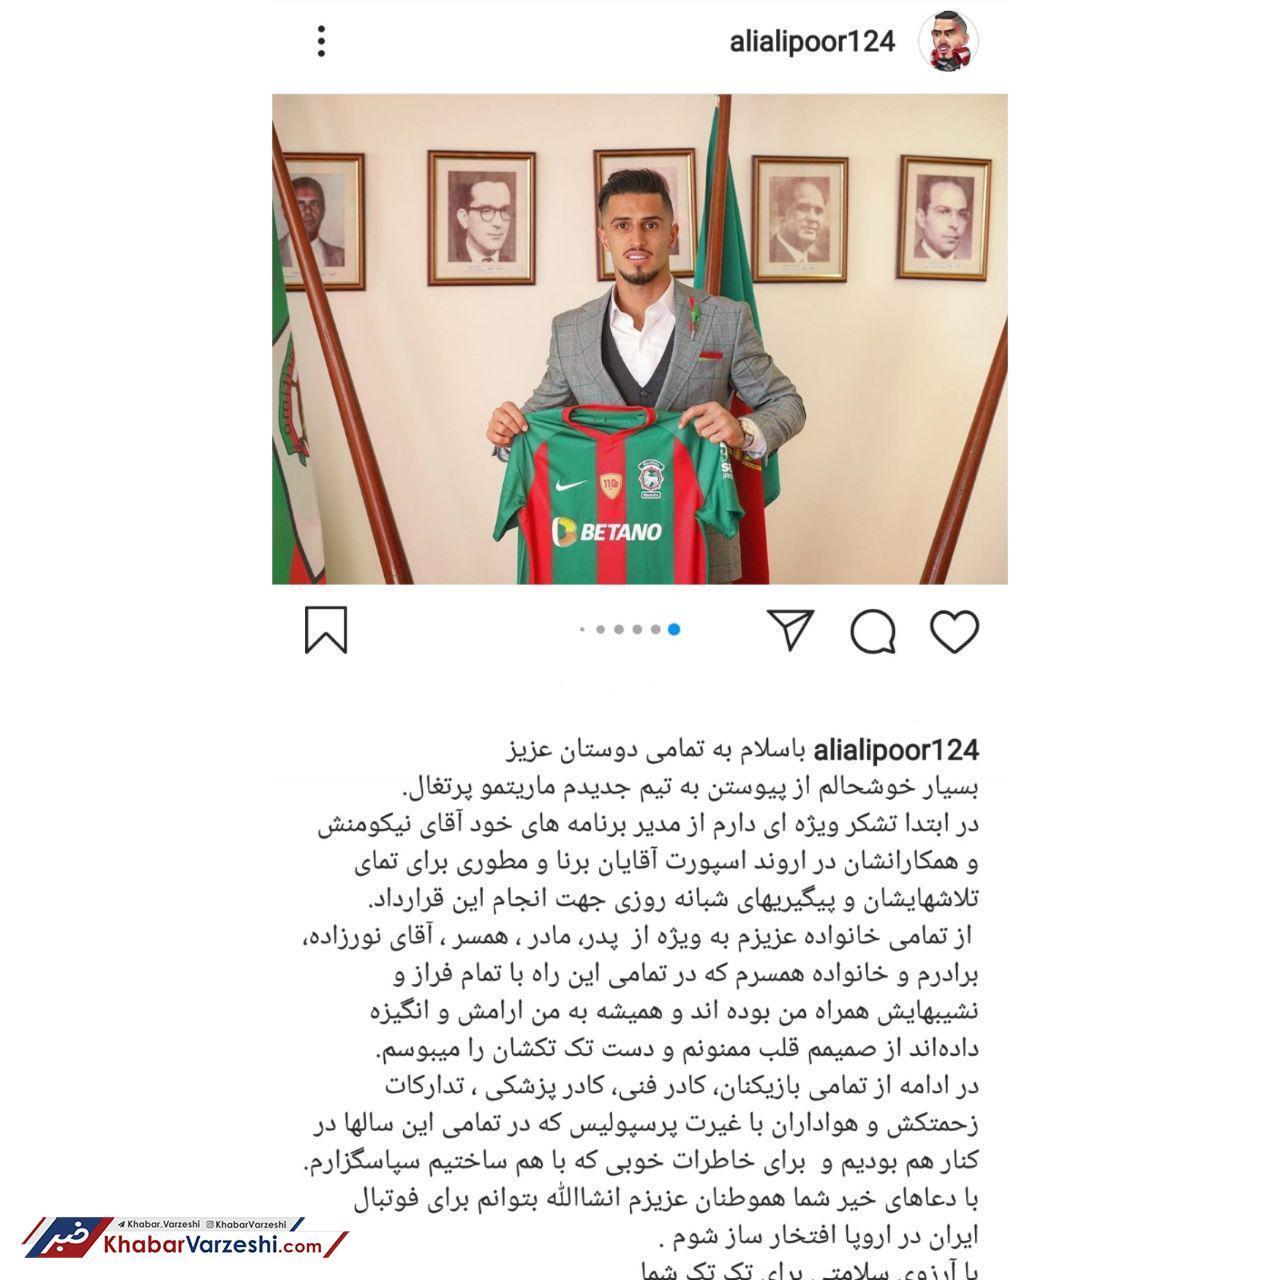 علیپور: انشاالله بتوانم برای ایران در اروپا افتخار ساز شوم